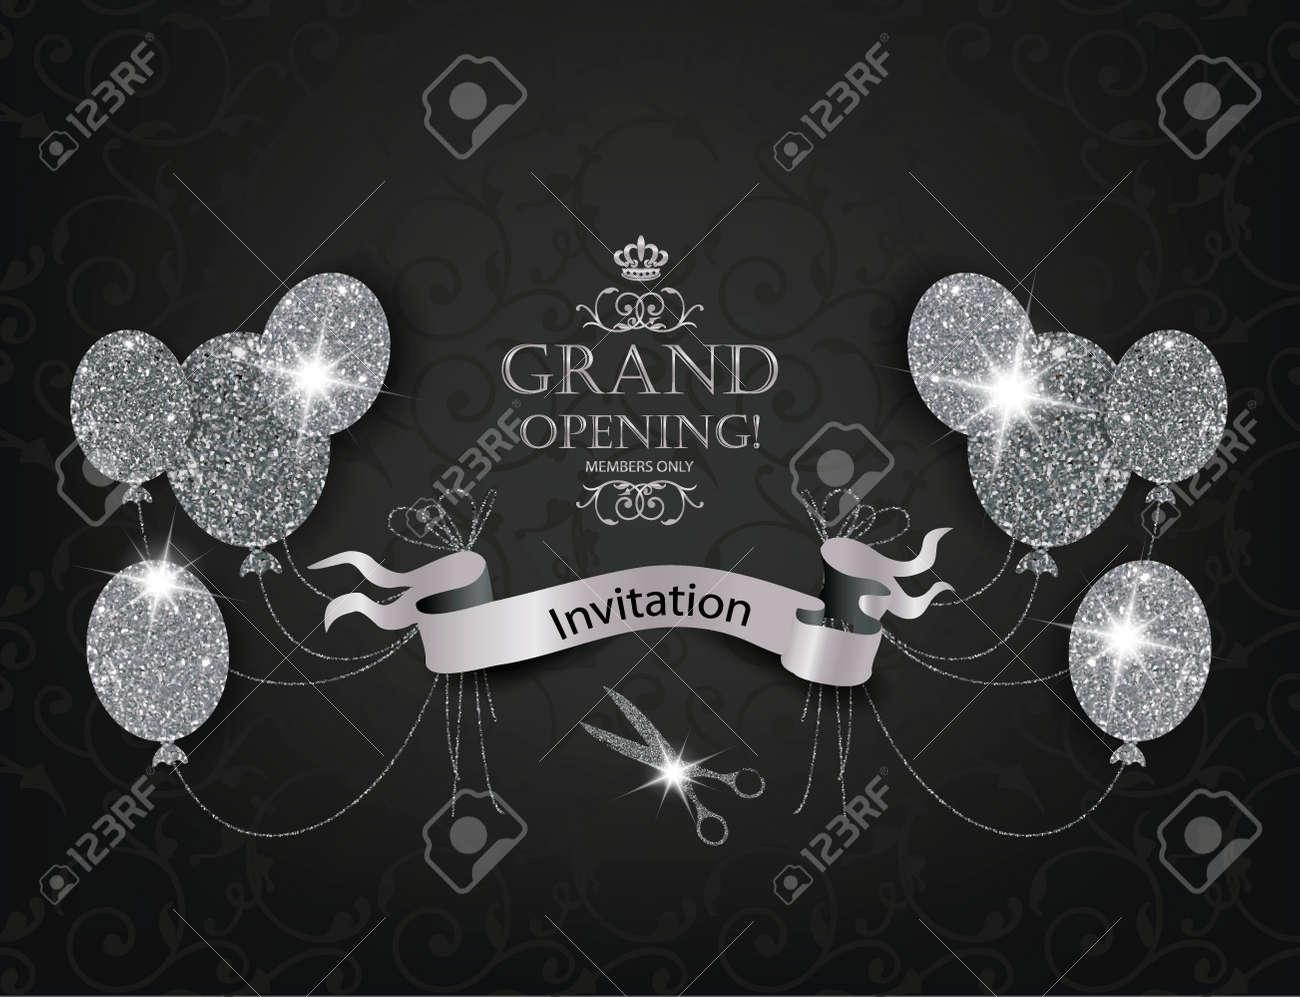 Tarjetas De Invitación Vip Elegante Con Los Balones De Aire Abstracto Tijeras Y Cinta De Plata